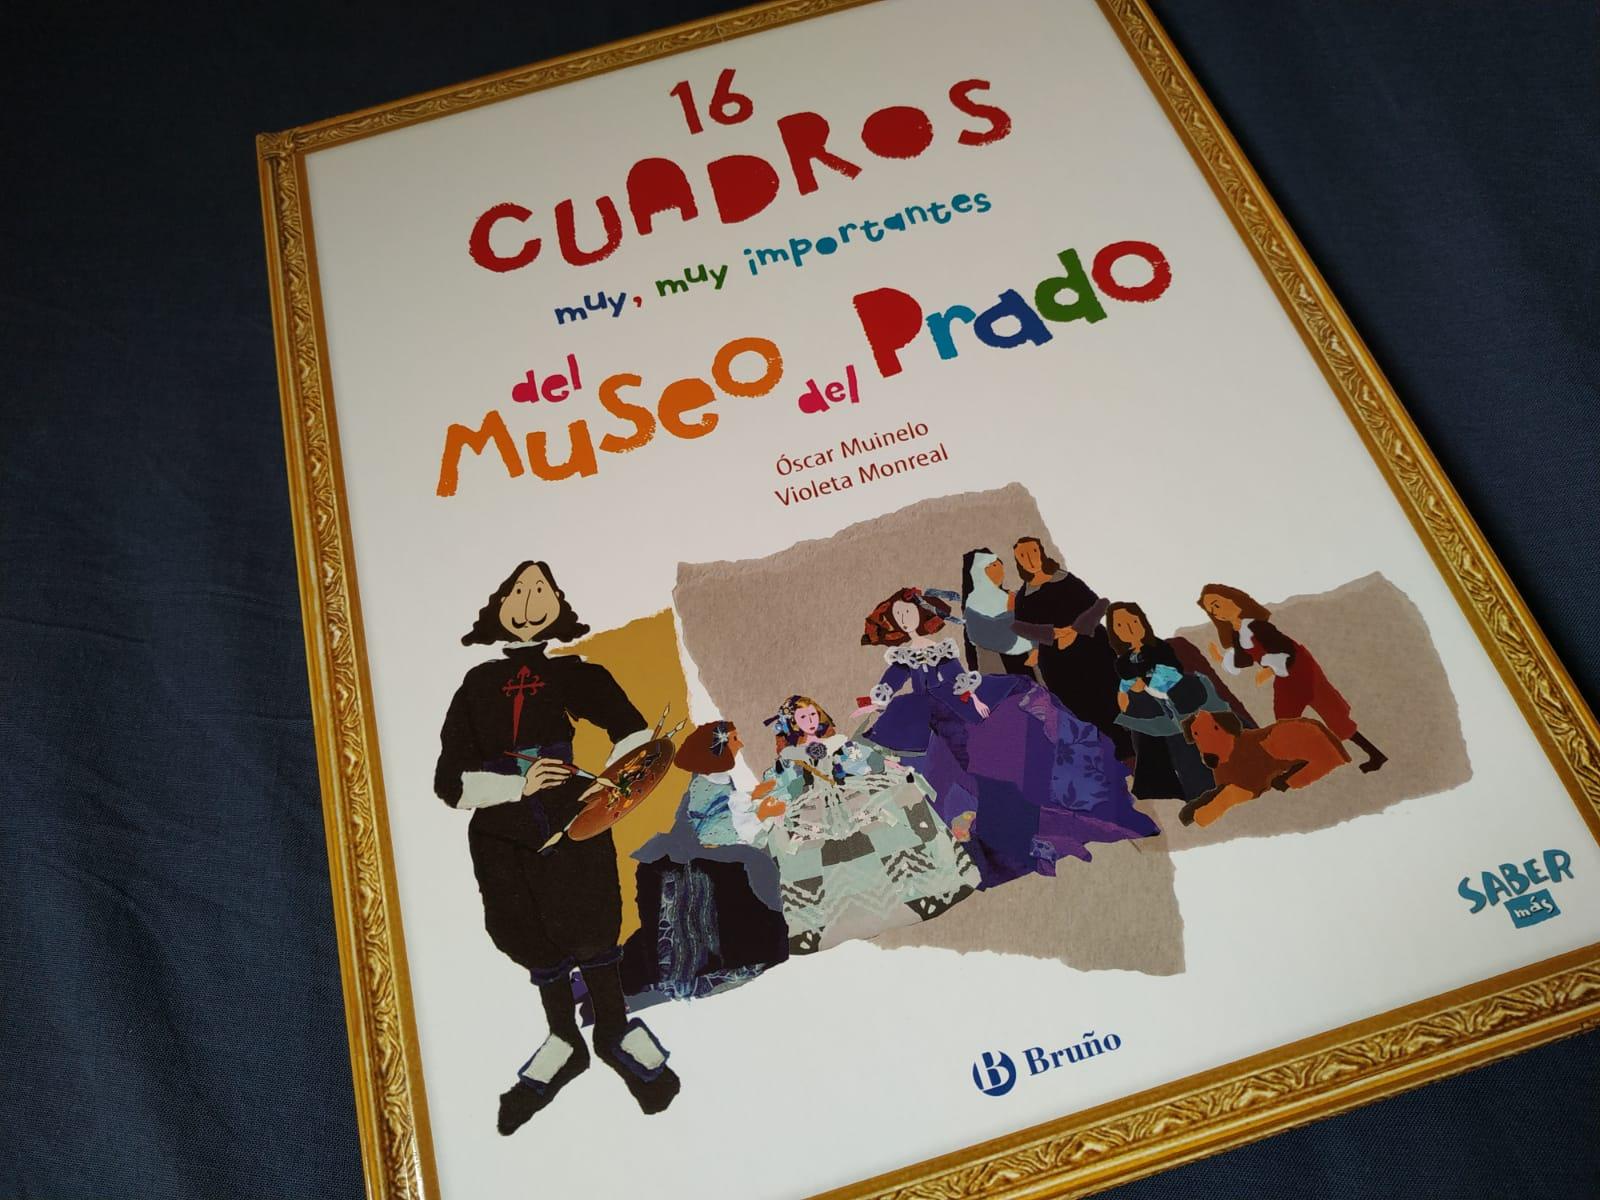 IMG 20181202 WA0014 - Aprendemos arte con 16 cuadros muy, muy importantes del Museo del Prado